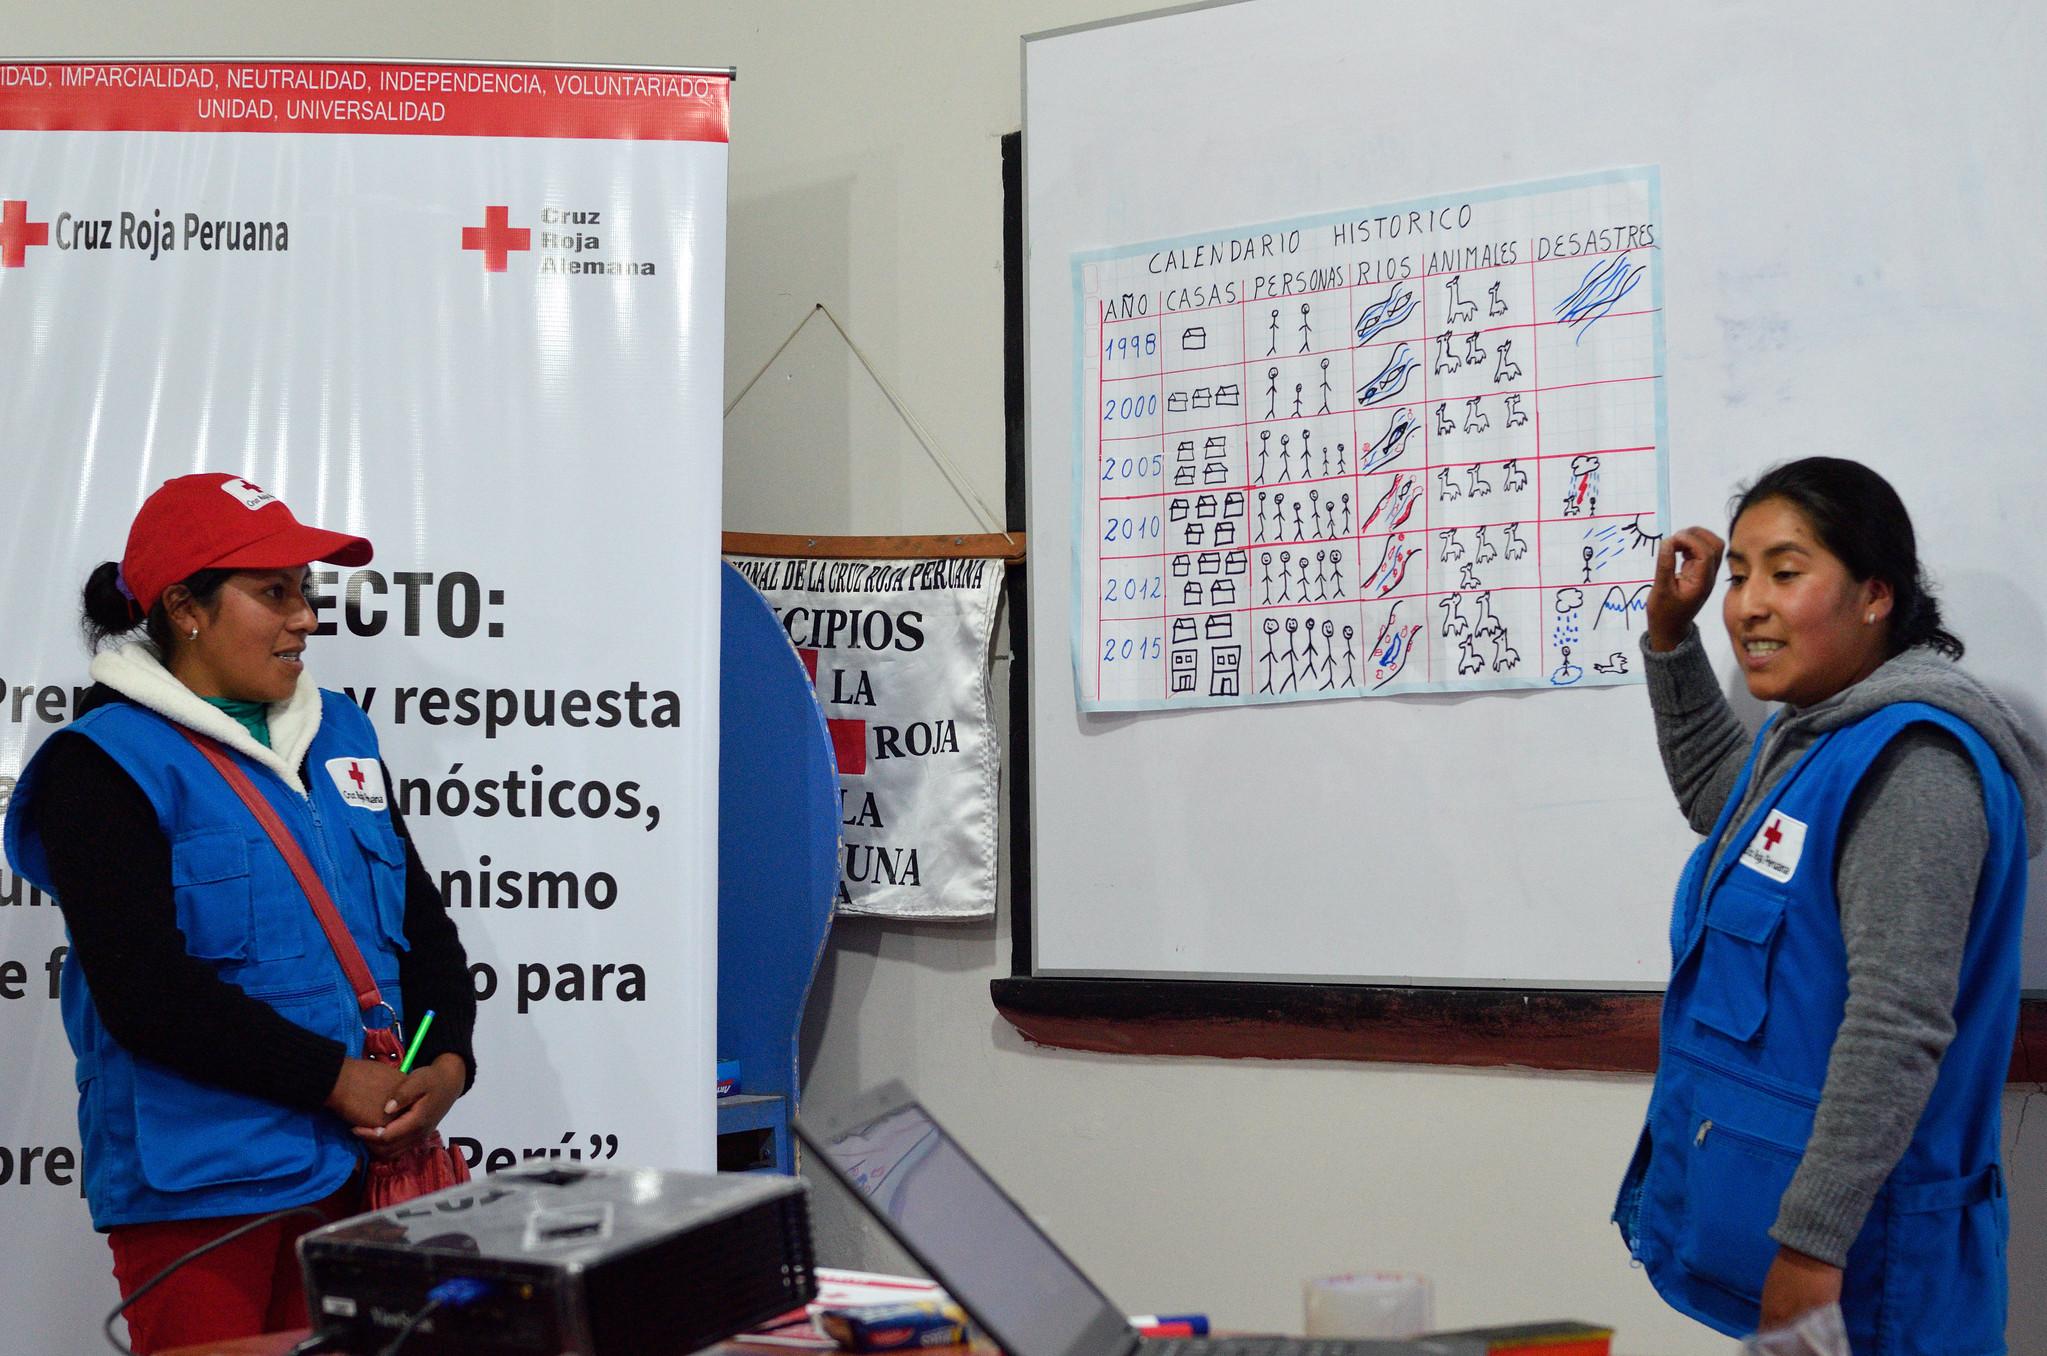 Cruz Roja Peruana: Calendario histórico de olas de frío © GRC